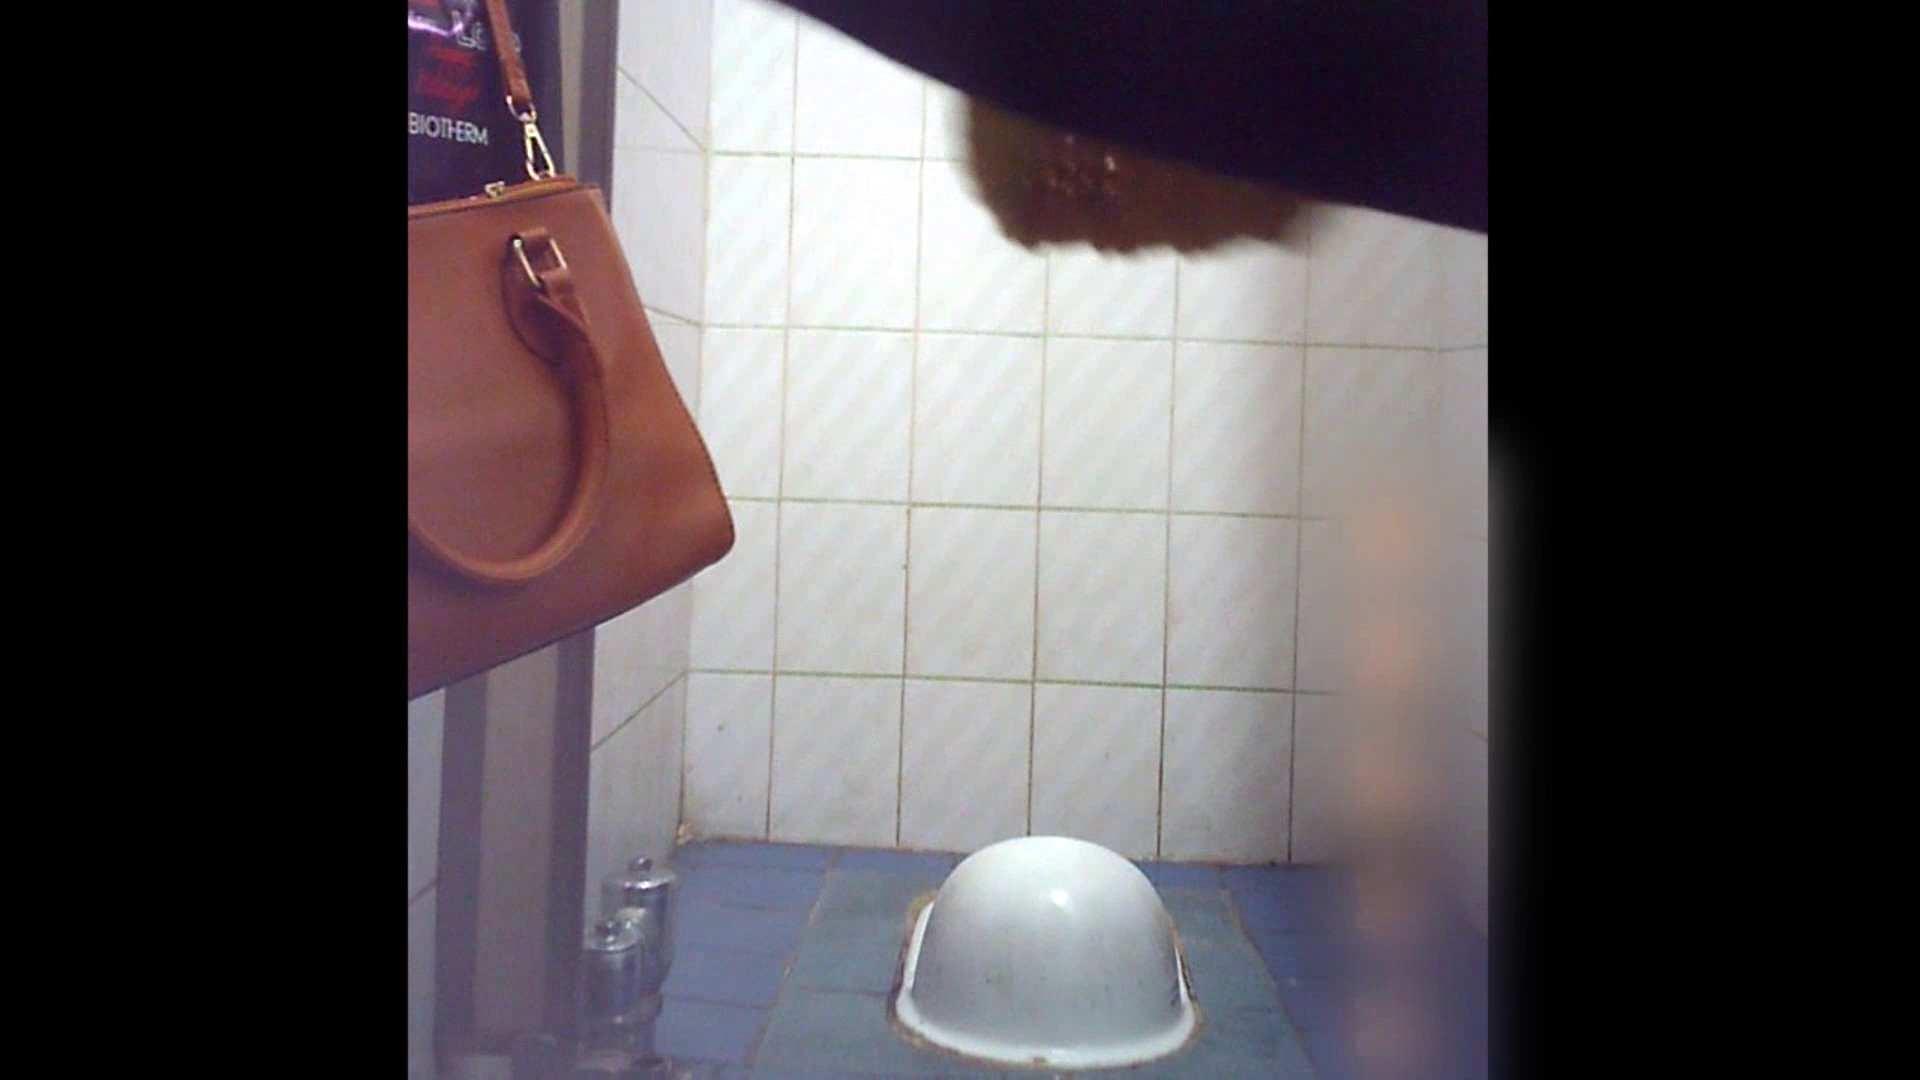 潜入!!韓国秘密のトイレ!Vol.12 エロティックなOL セックス画像 55画像 12